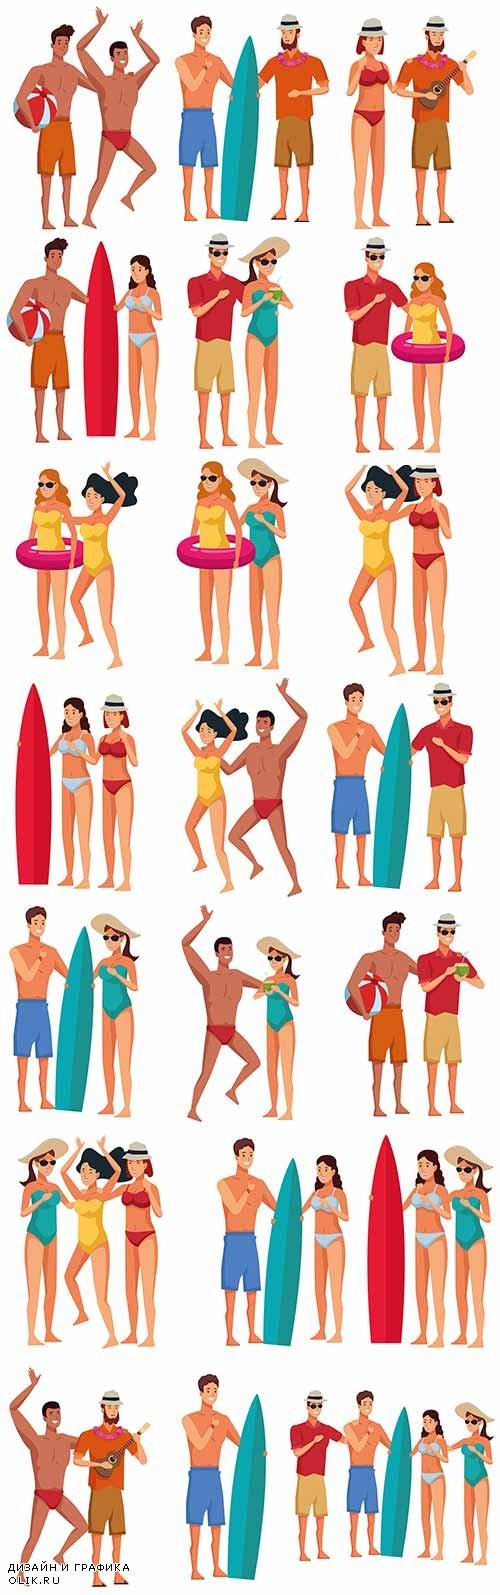 Молодые люди в купальниках - Векторный клипарт / Young people in bathing suits - Vector Graphics